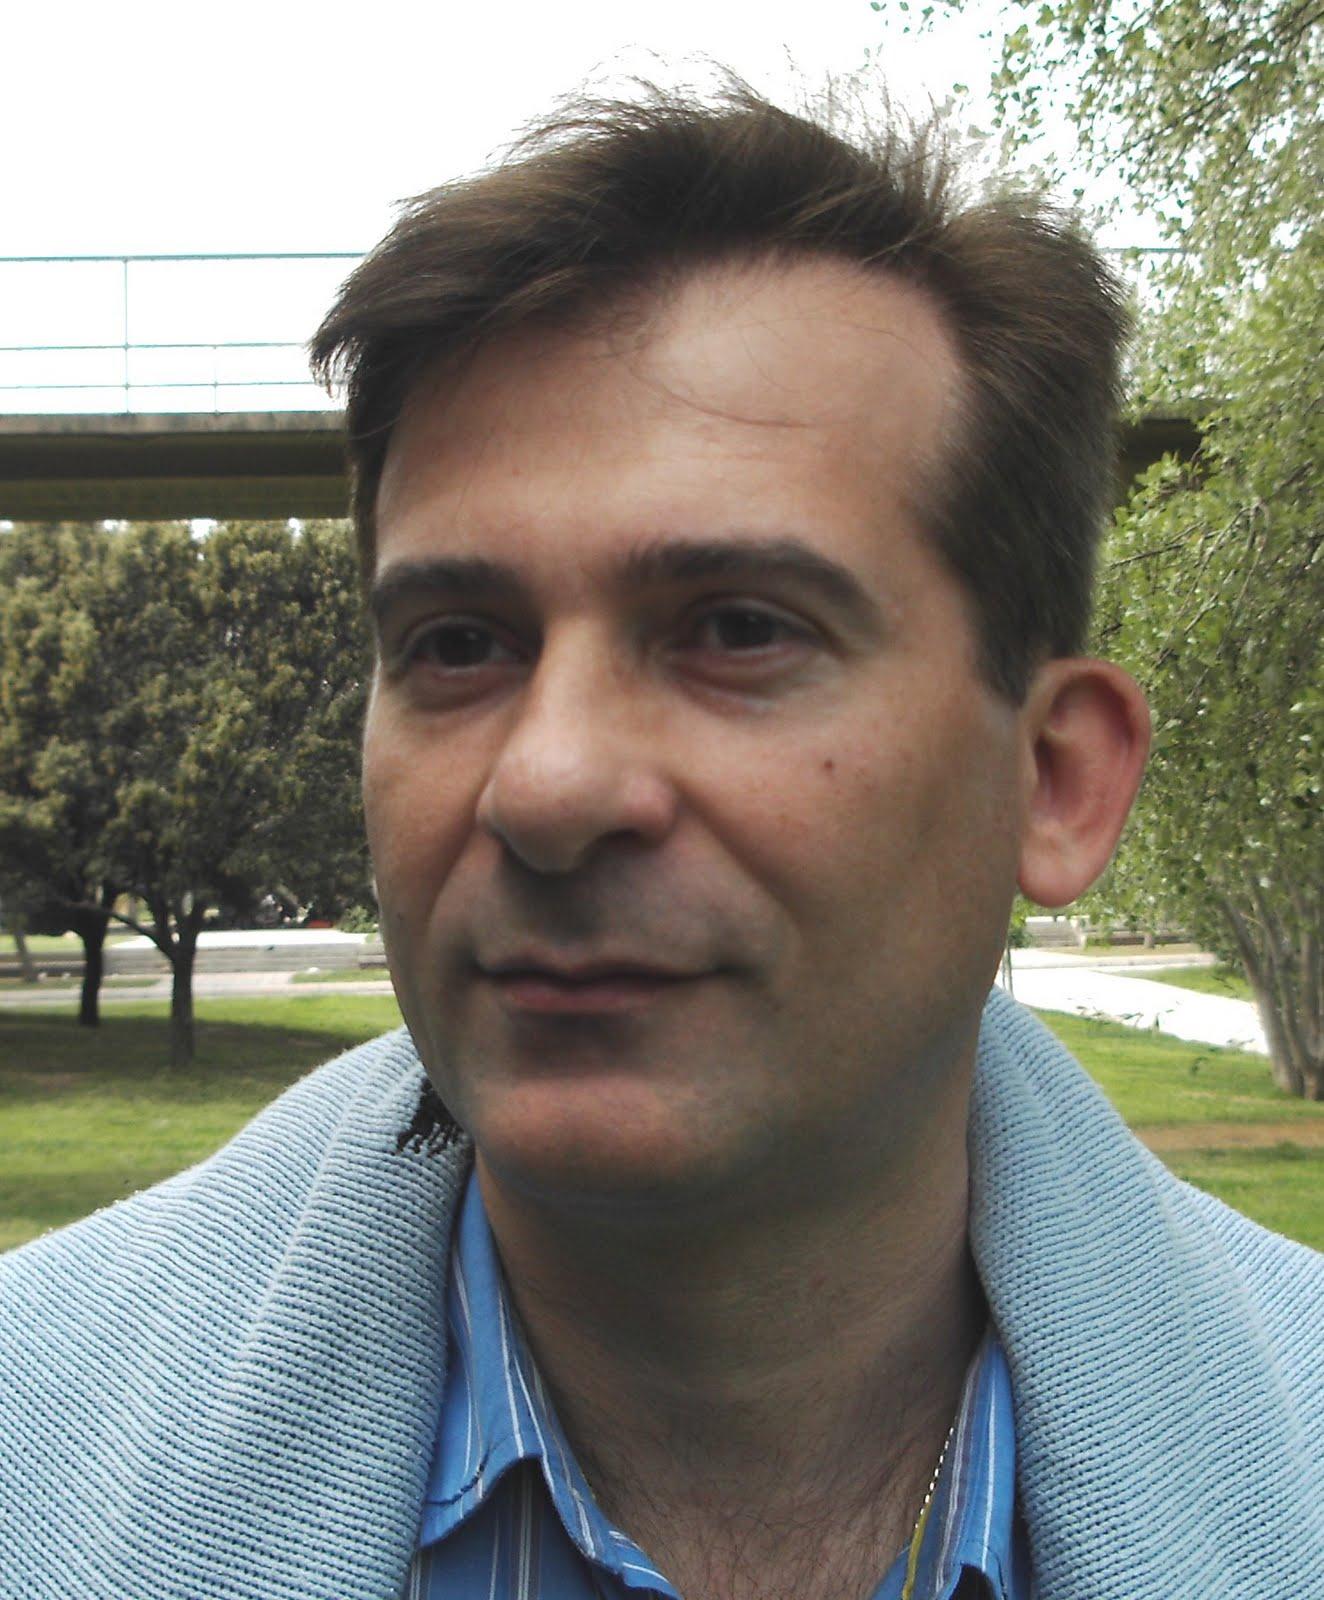 Entrevista A Juanjo Prats En A Escena A Escena Valencia